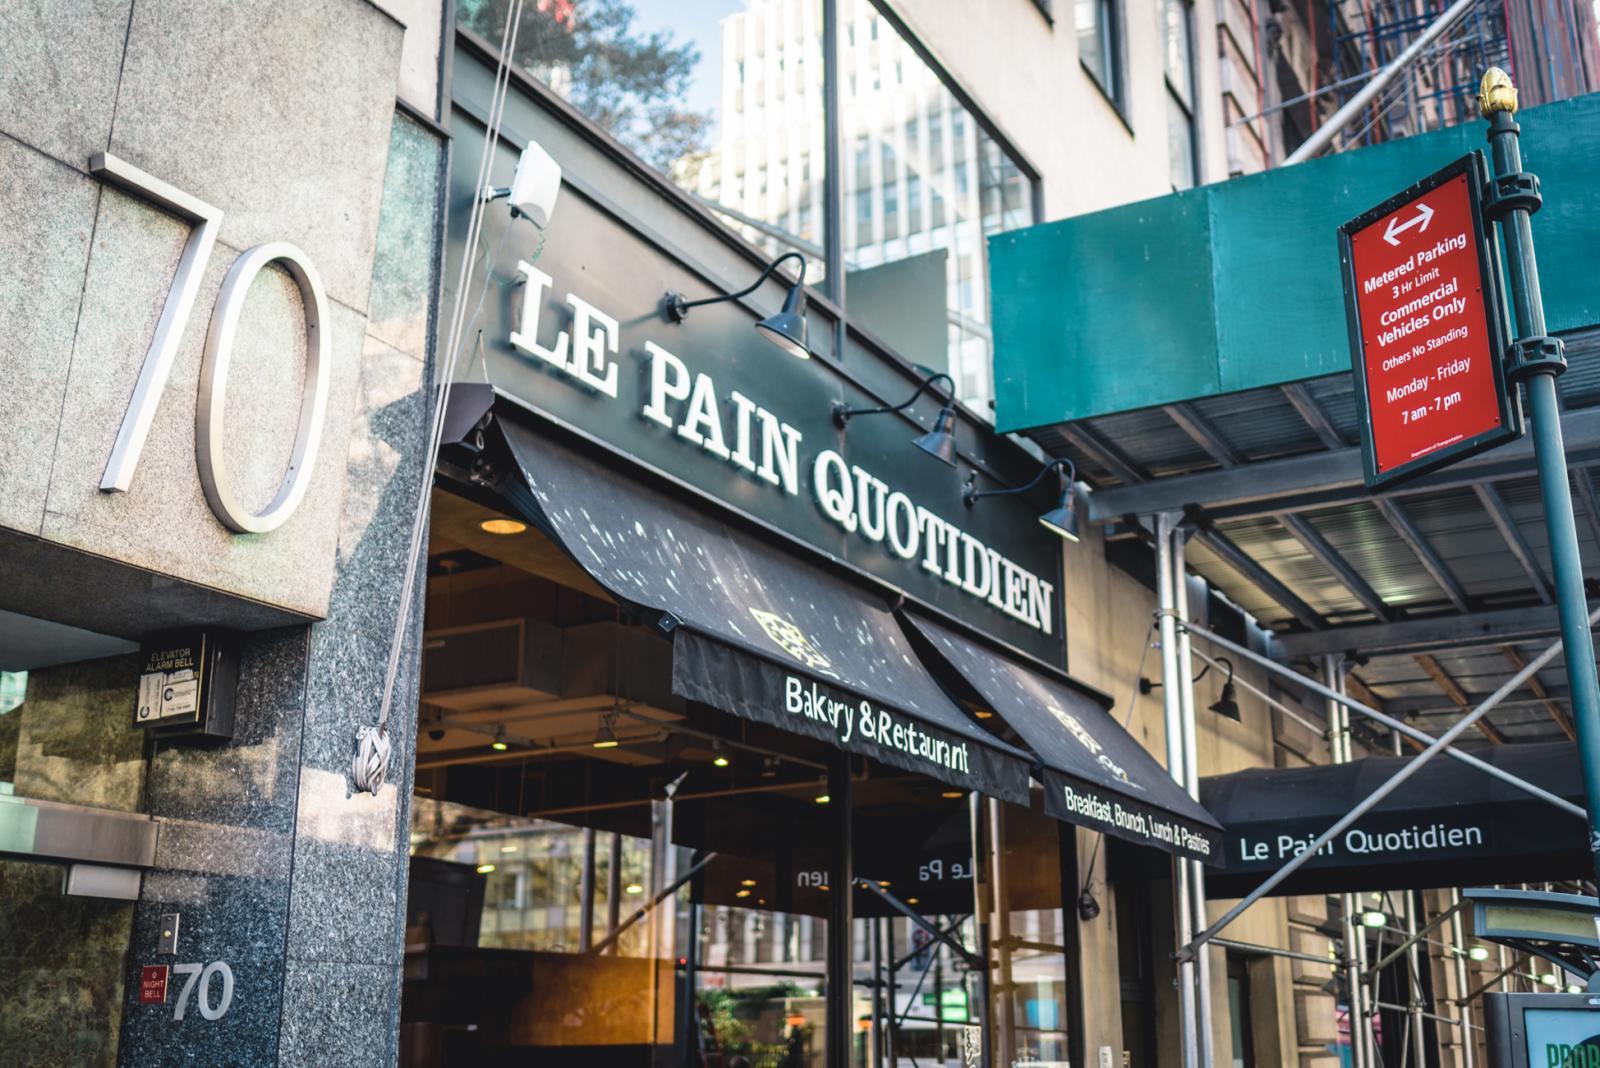 Le Pain Quotidien New York